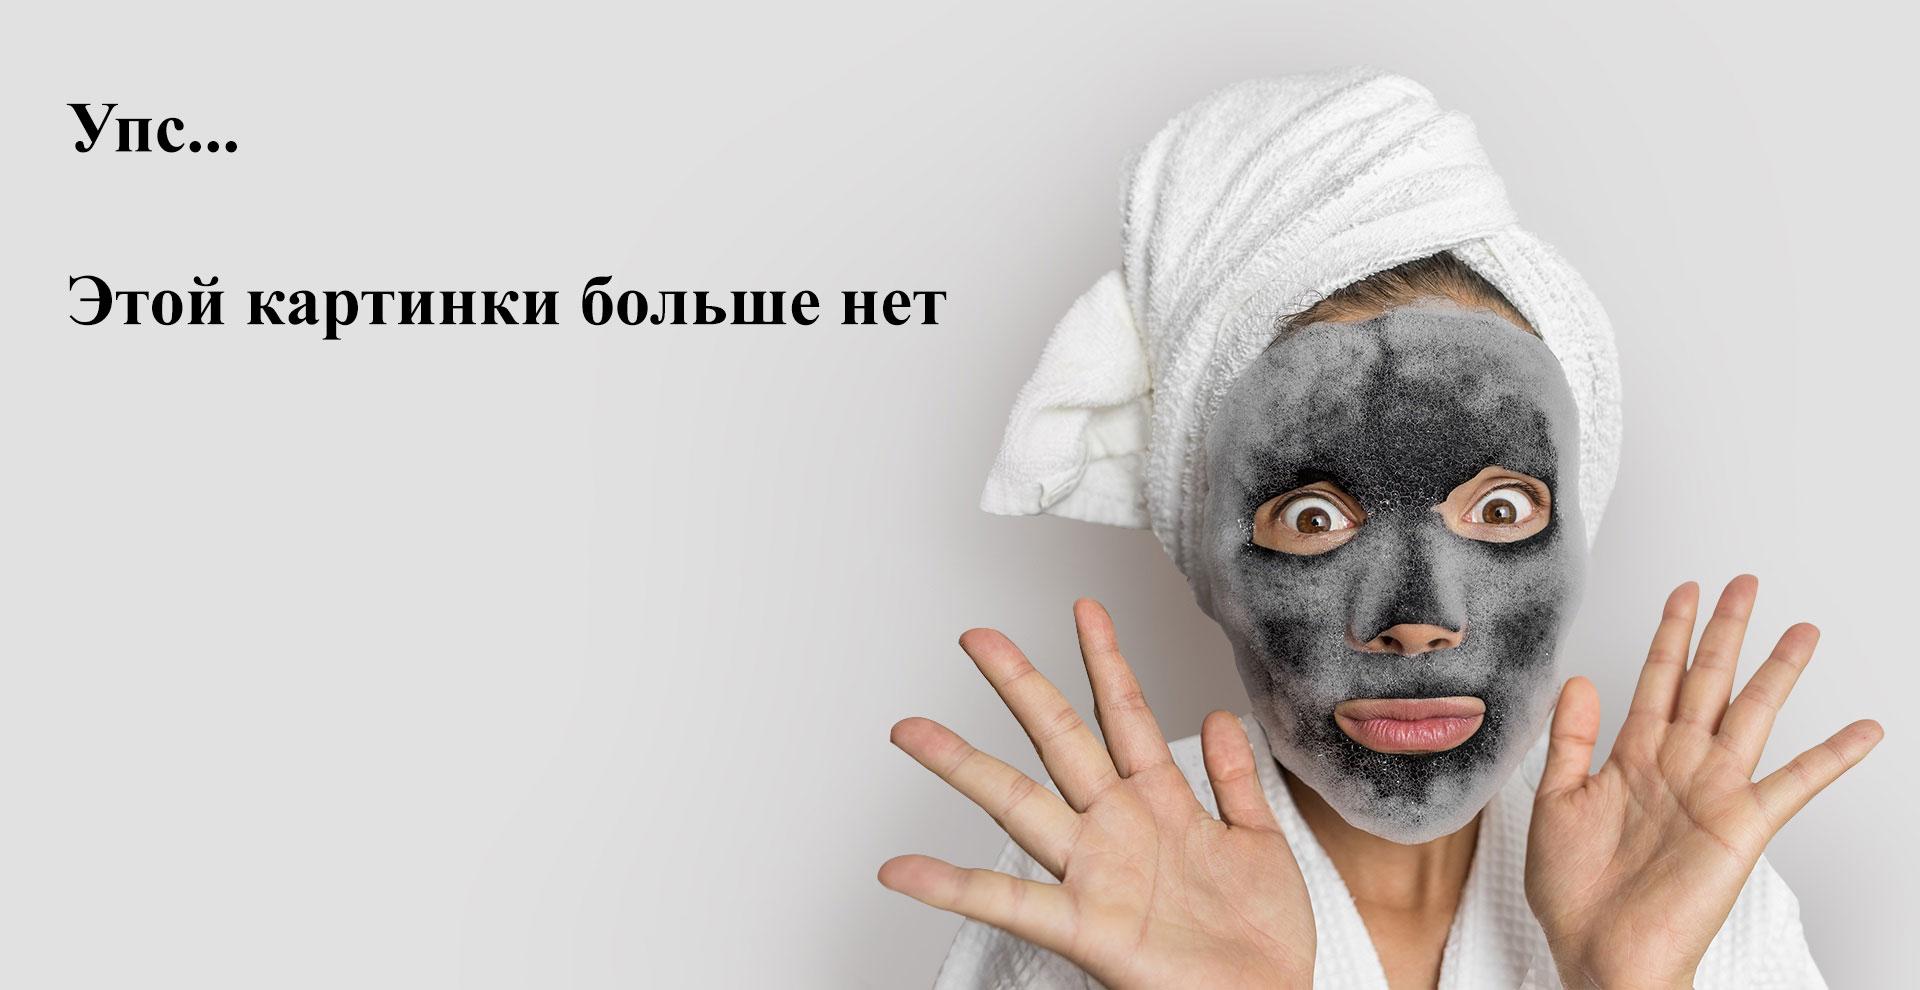 Italwax, Воск горячий (пленочный) Натуральный, гранулы, 250 г